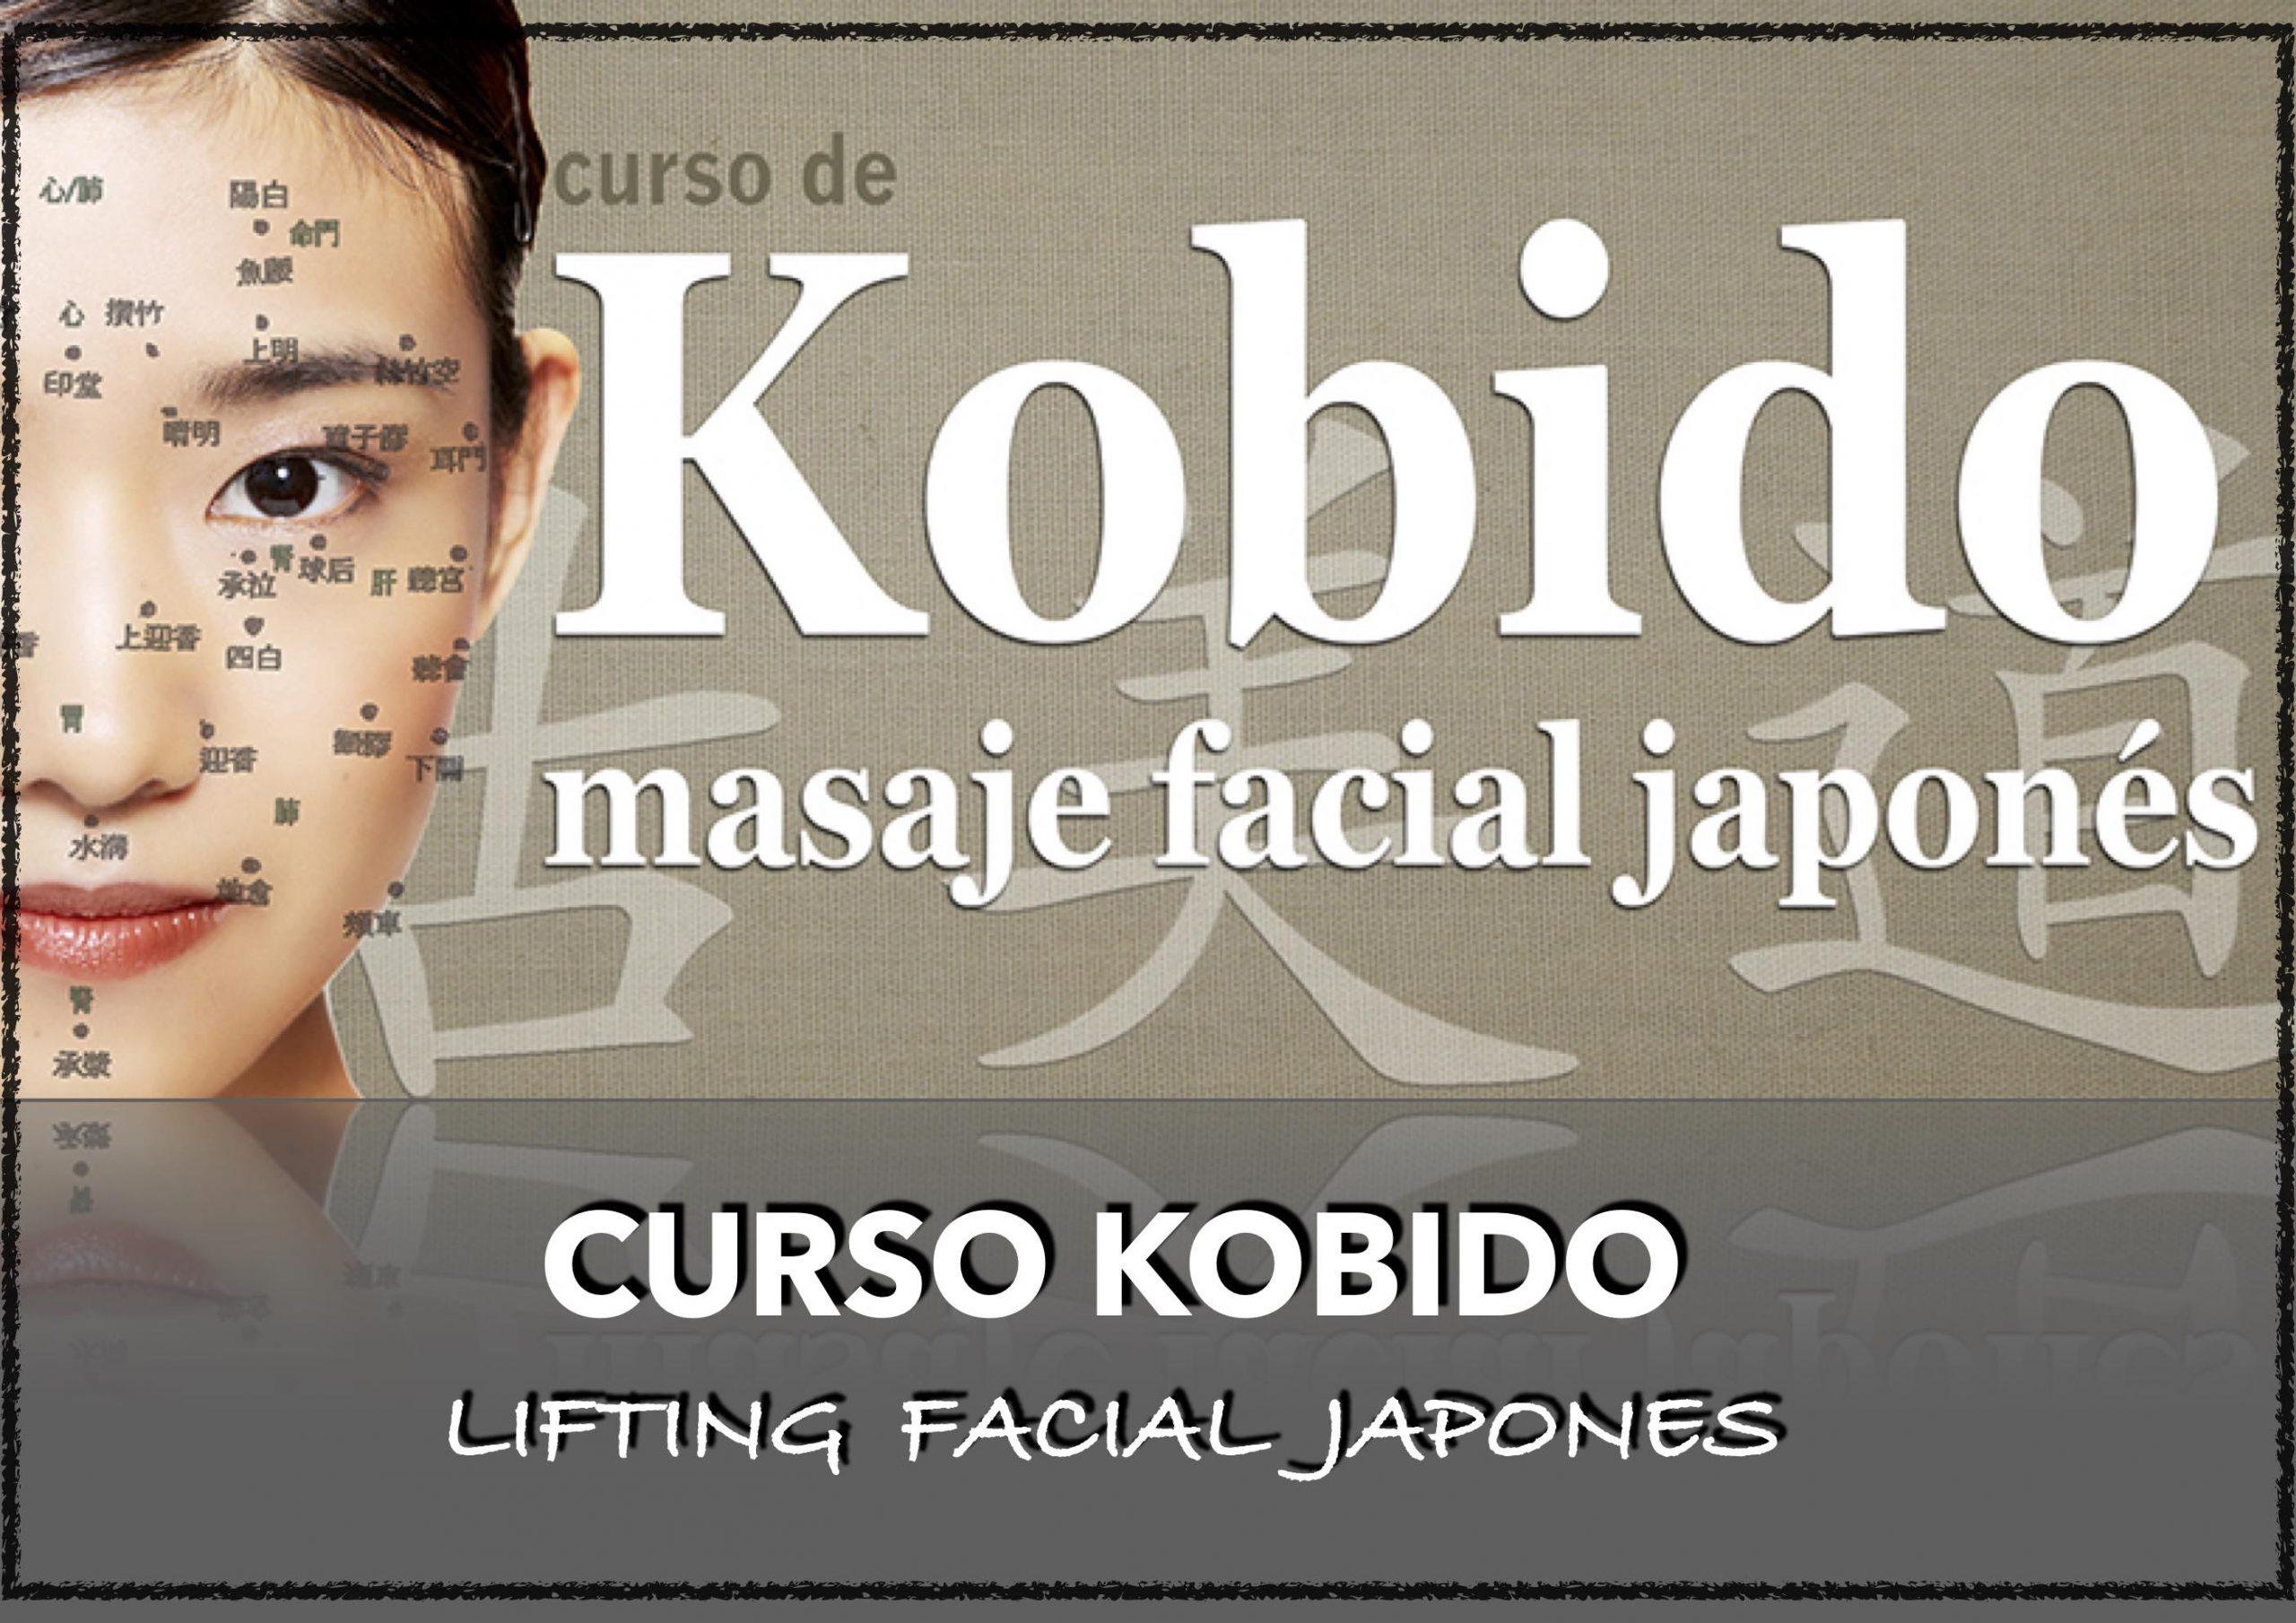 CURSO PRESENCIAL DE KOBIDO MASAJE FACIAL LIFTING FACIIAL JAPONES EN CHICLANA CADIZ SEVILLA  IBIZA HUELVA